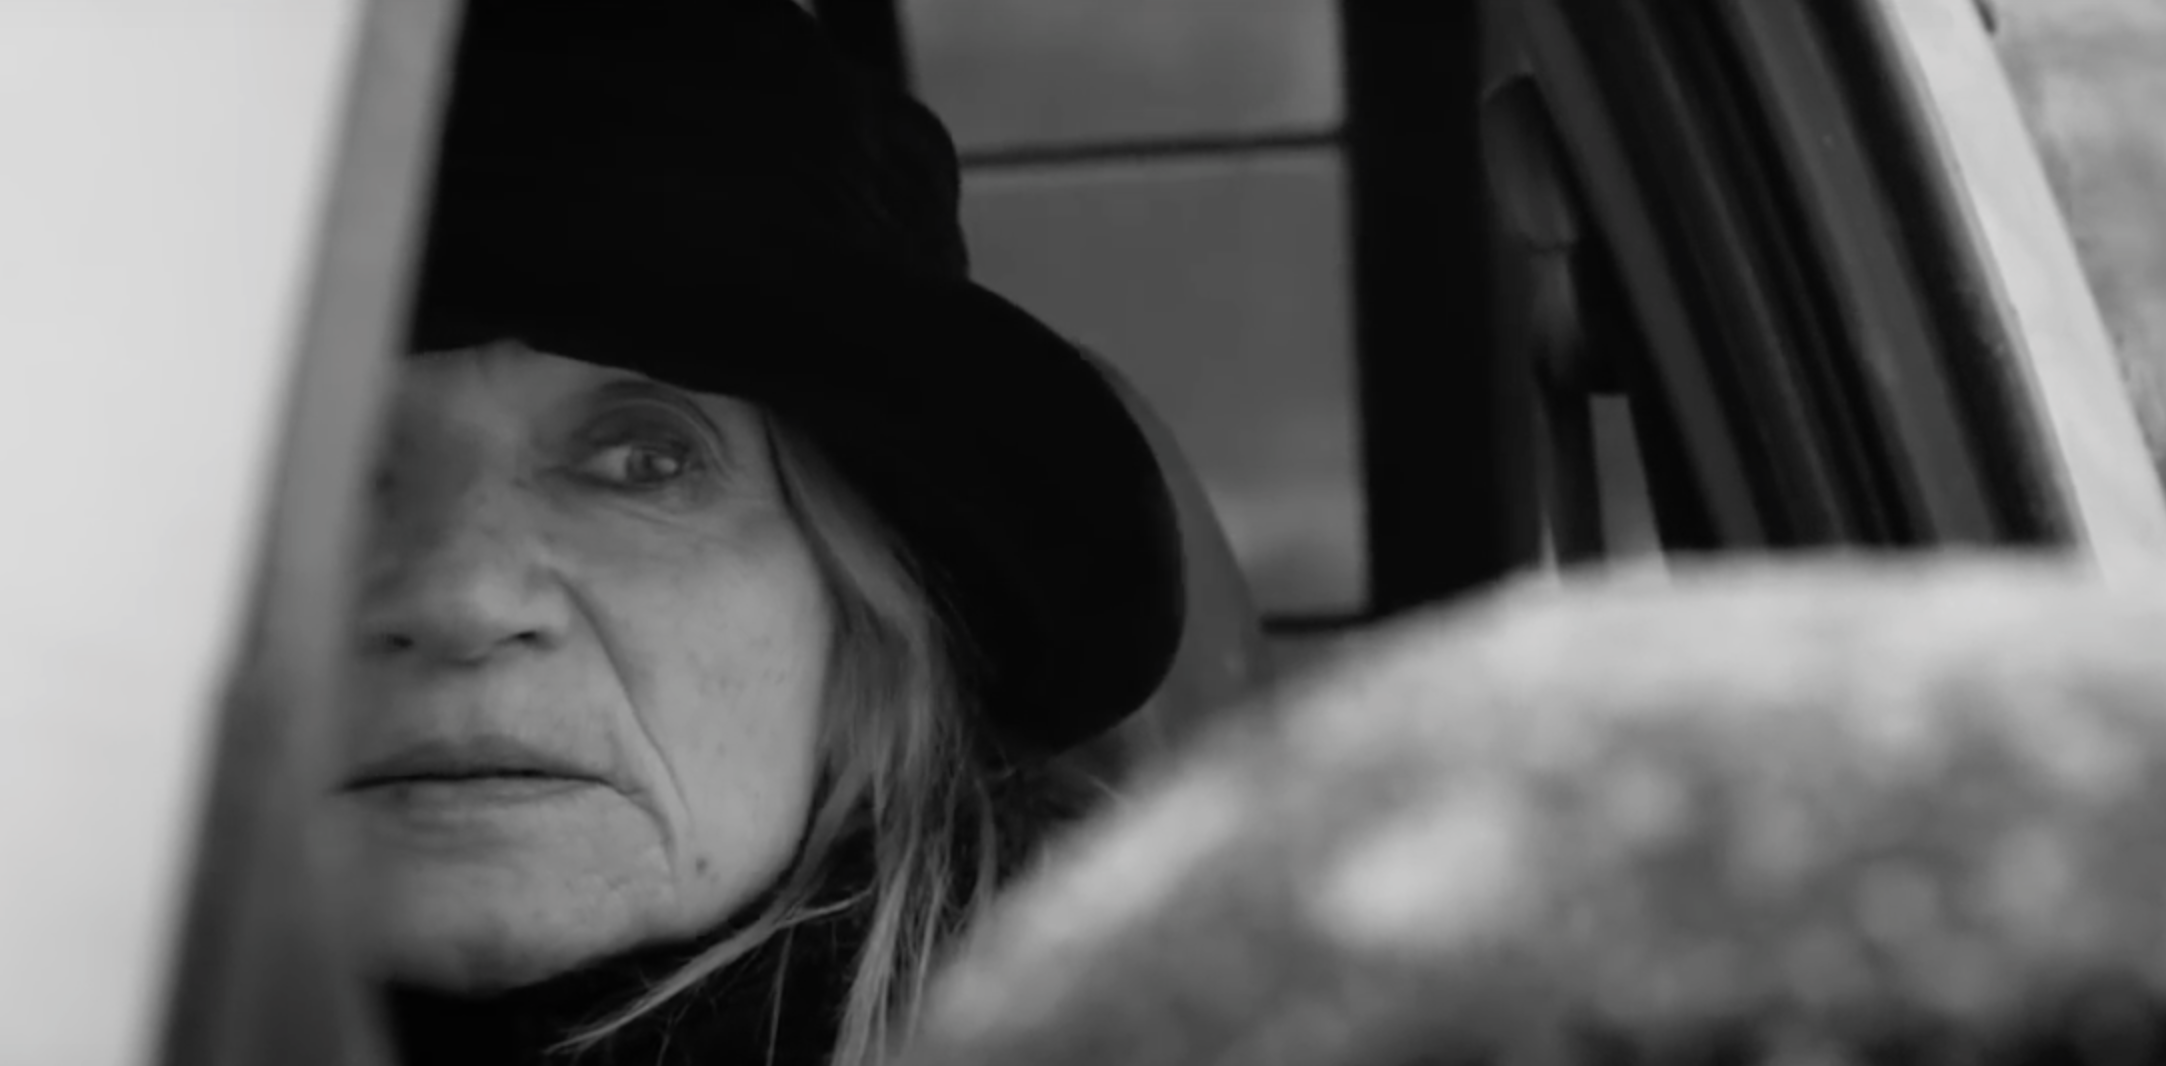 De video is teder en ontroerend en geeft een nieuwe betekenis aan verloren liefde verloren en lesbische relaties.